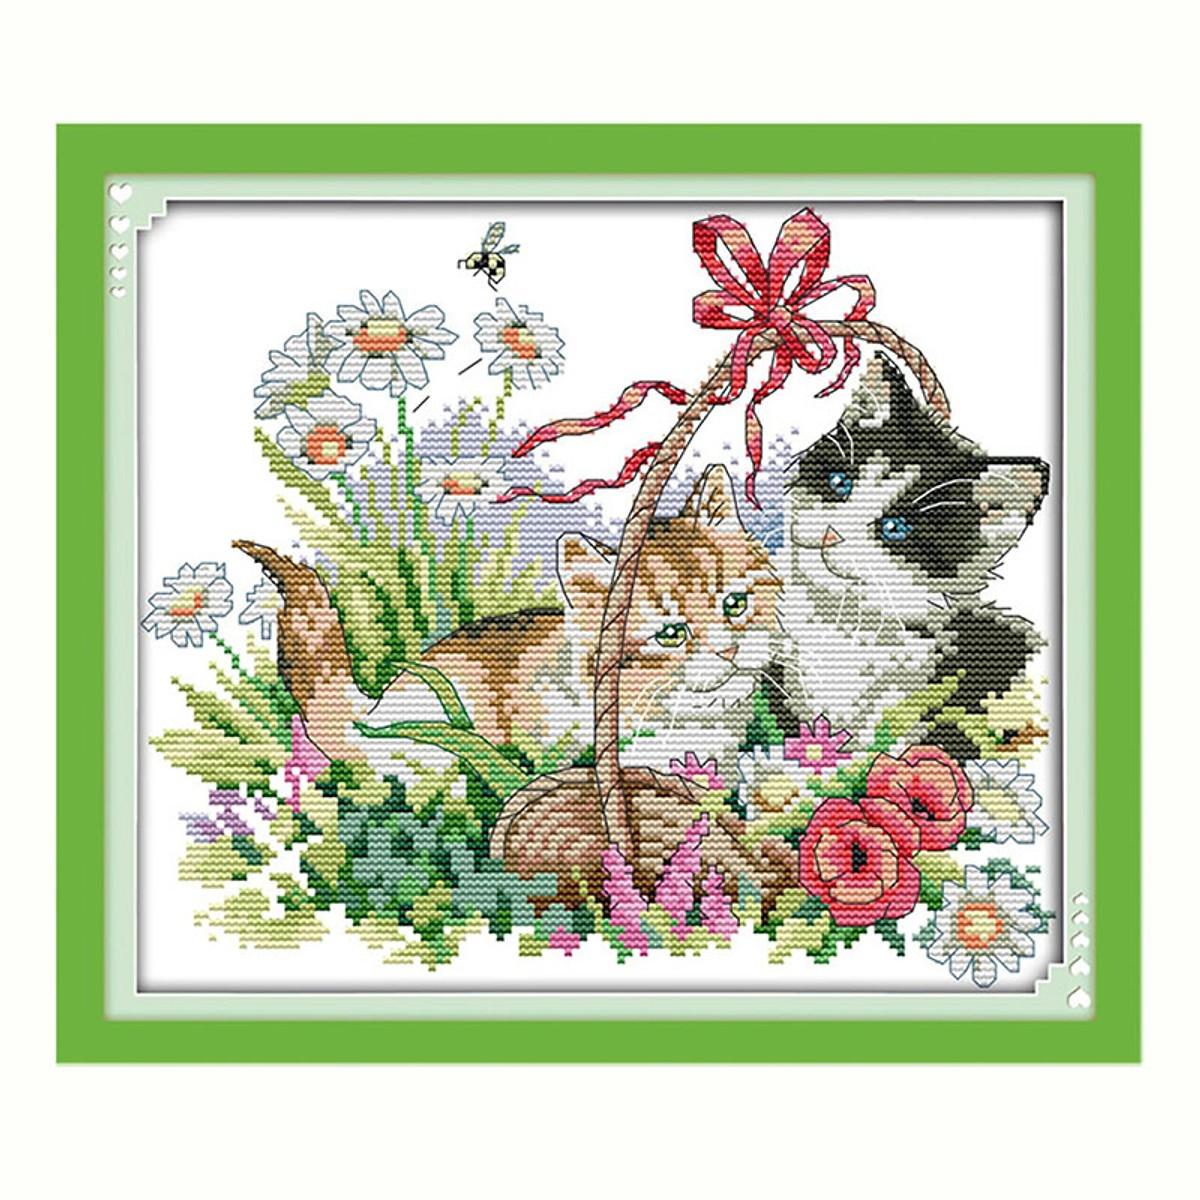 Bộ Tranh Thêu Chữ Thập Hình Mèo Dễ Thương